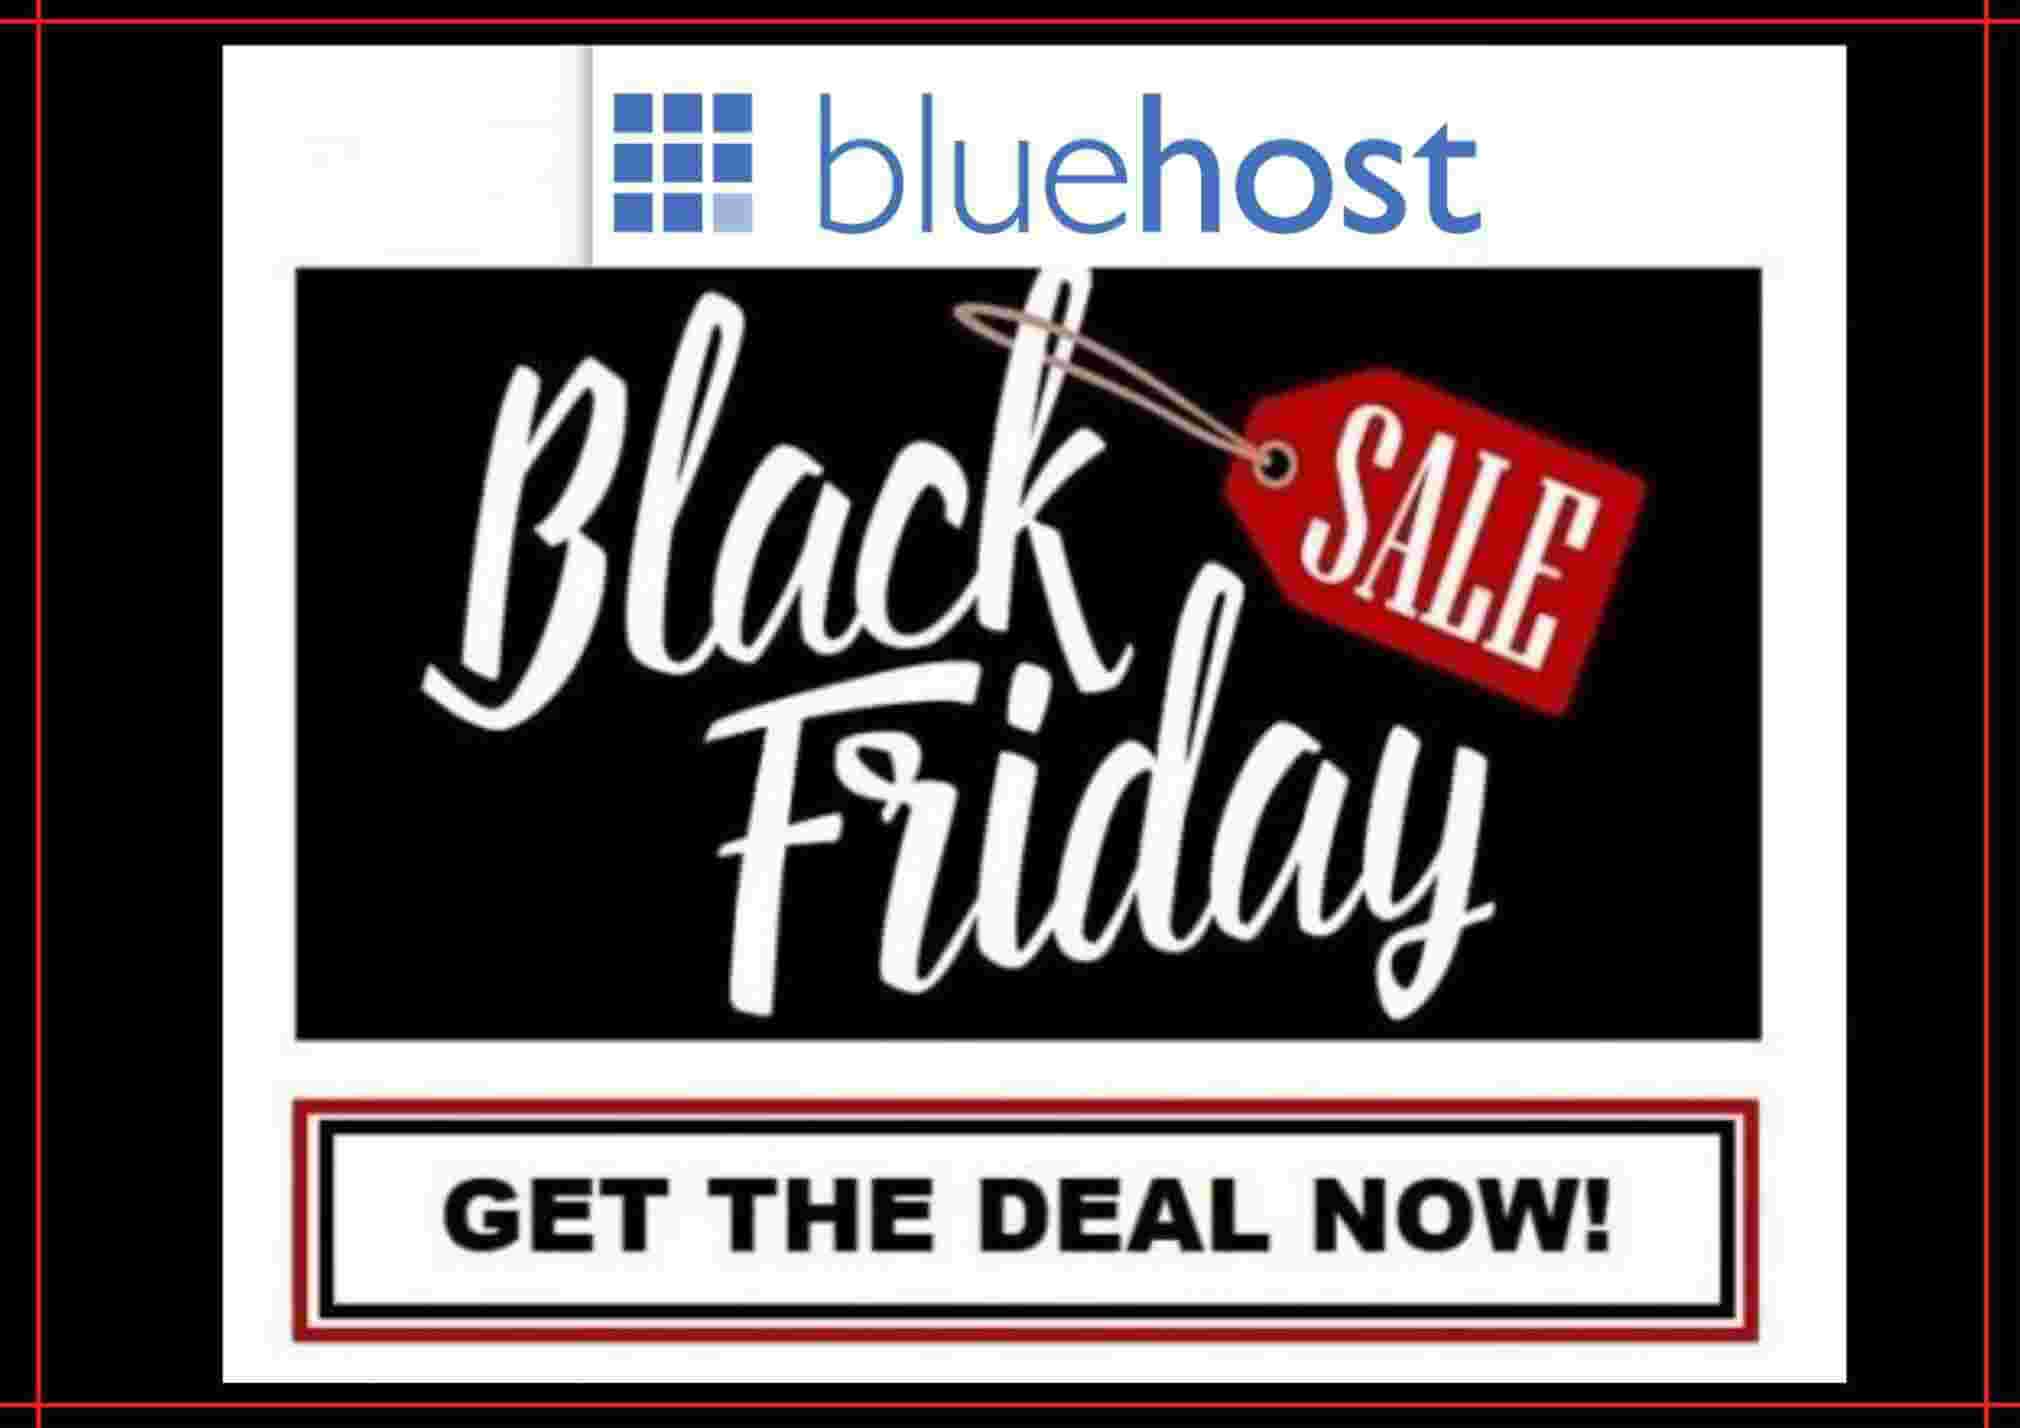 BlueHost Black Friday Sale September 14, 2021, Hosting Discount & Deals